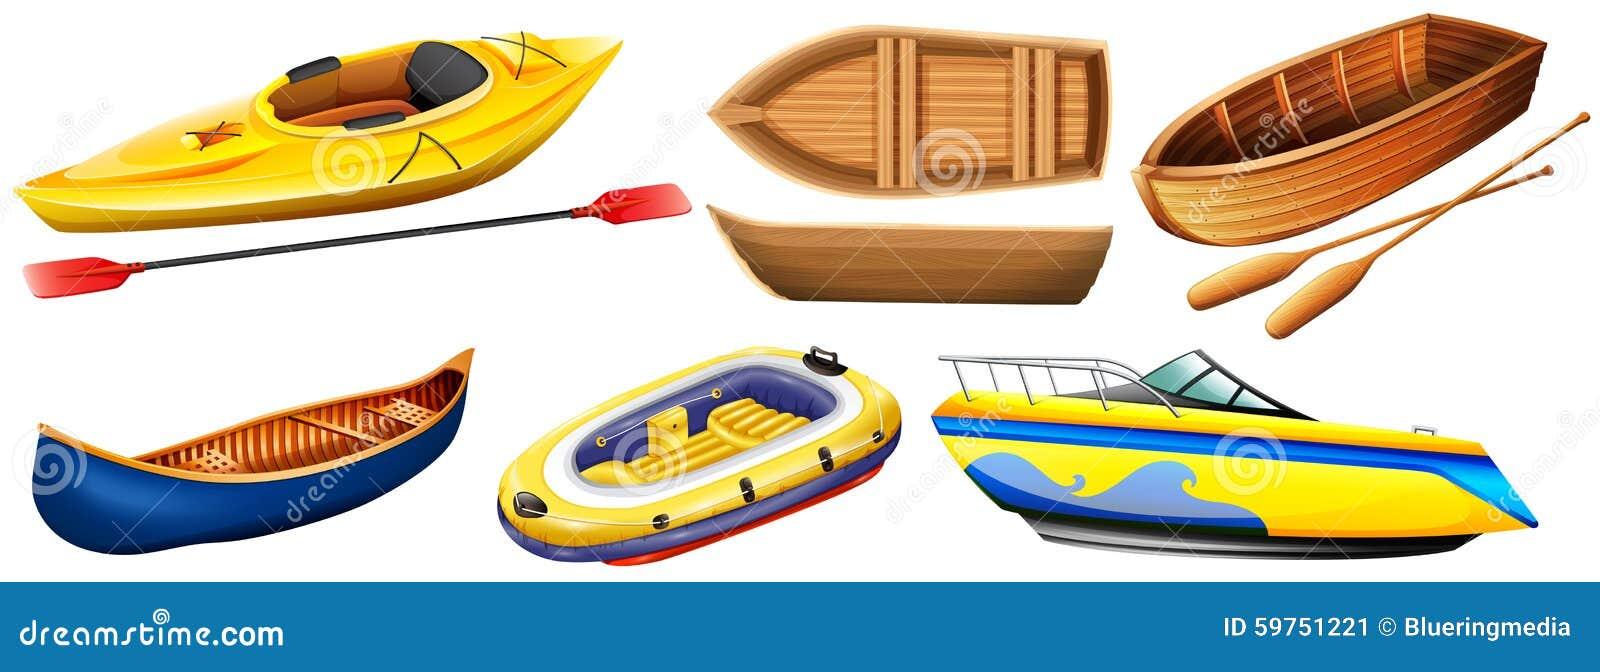 шрифт, виды лодок названия с картинками самый дешевый нынешним